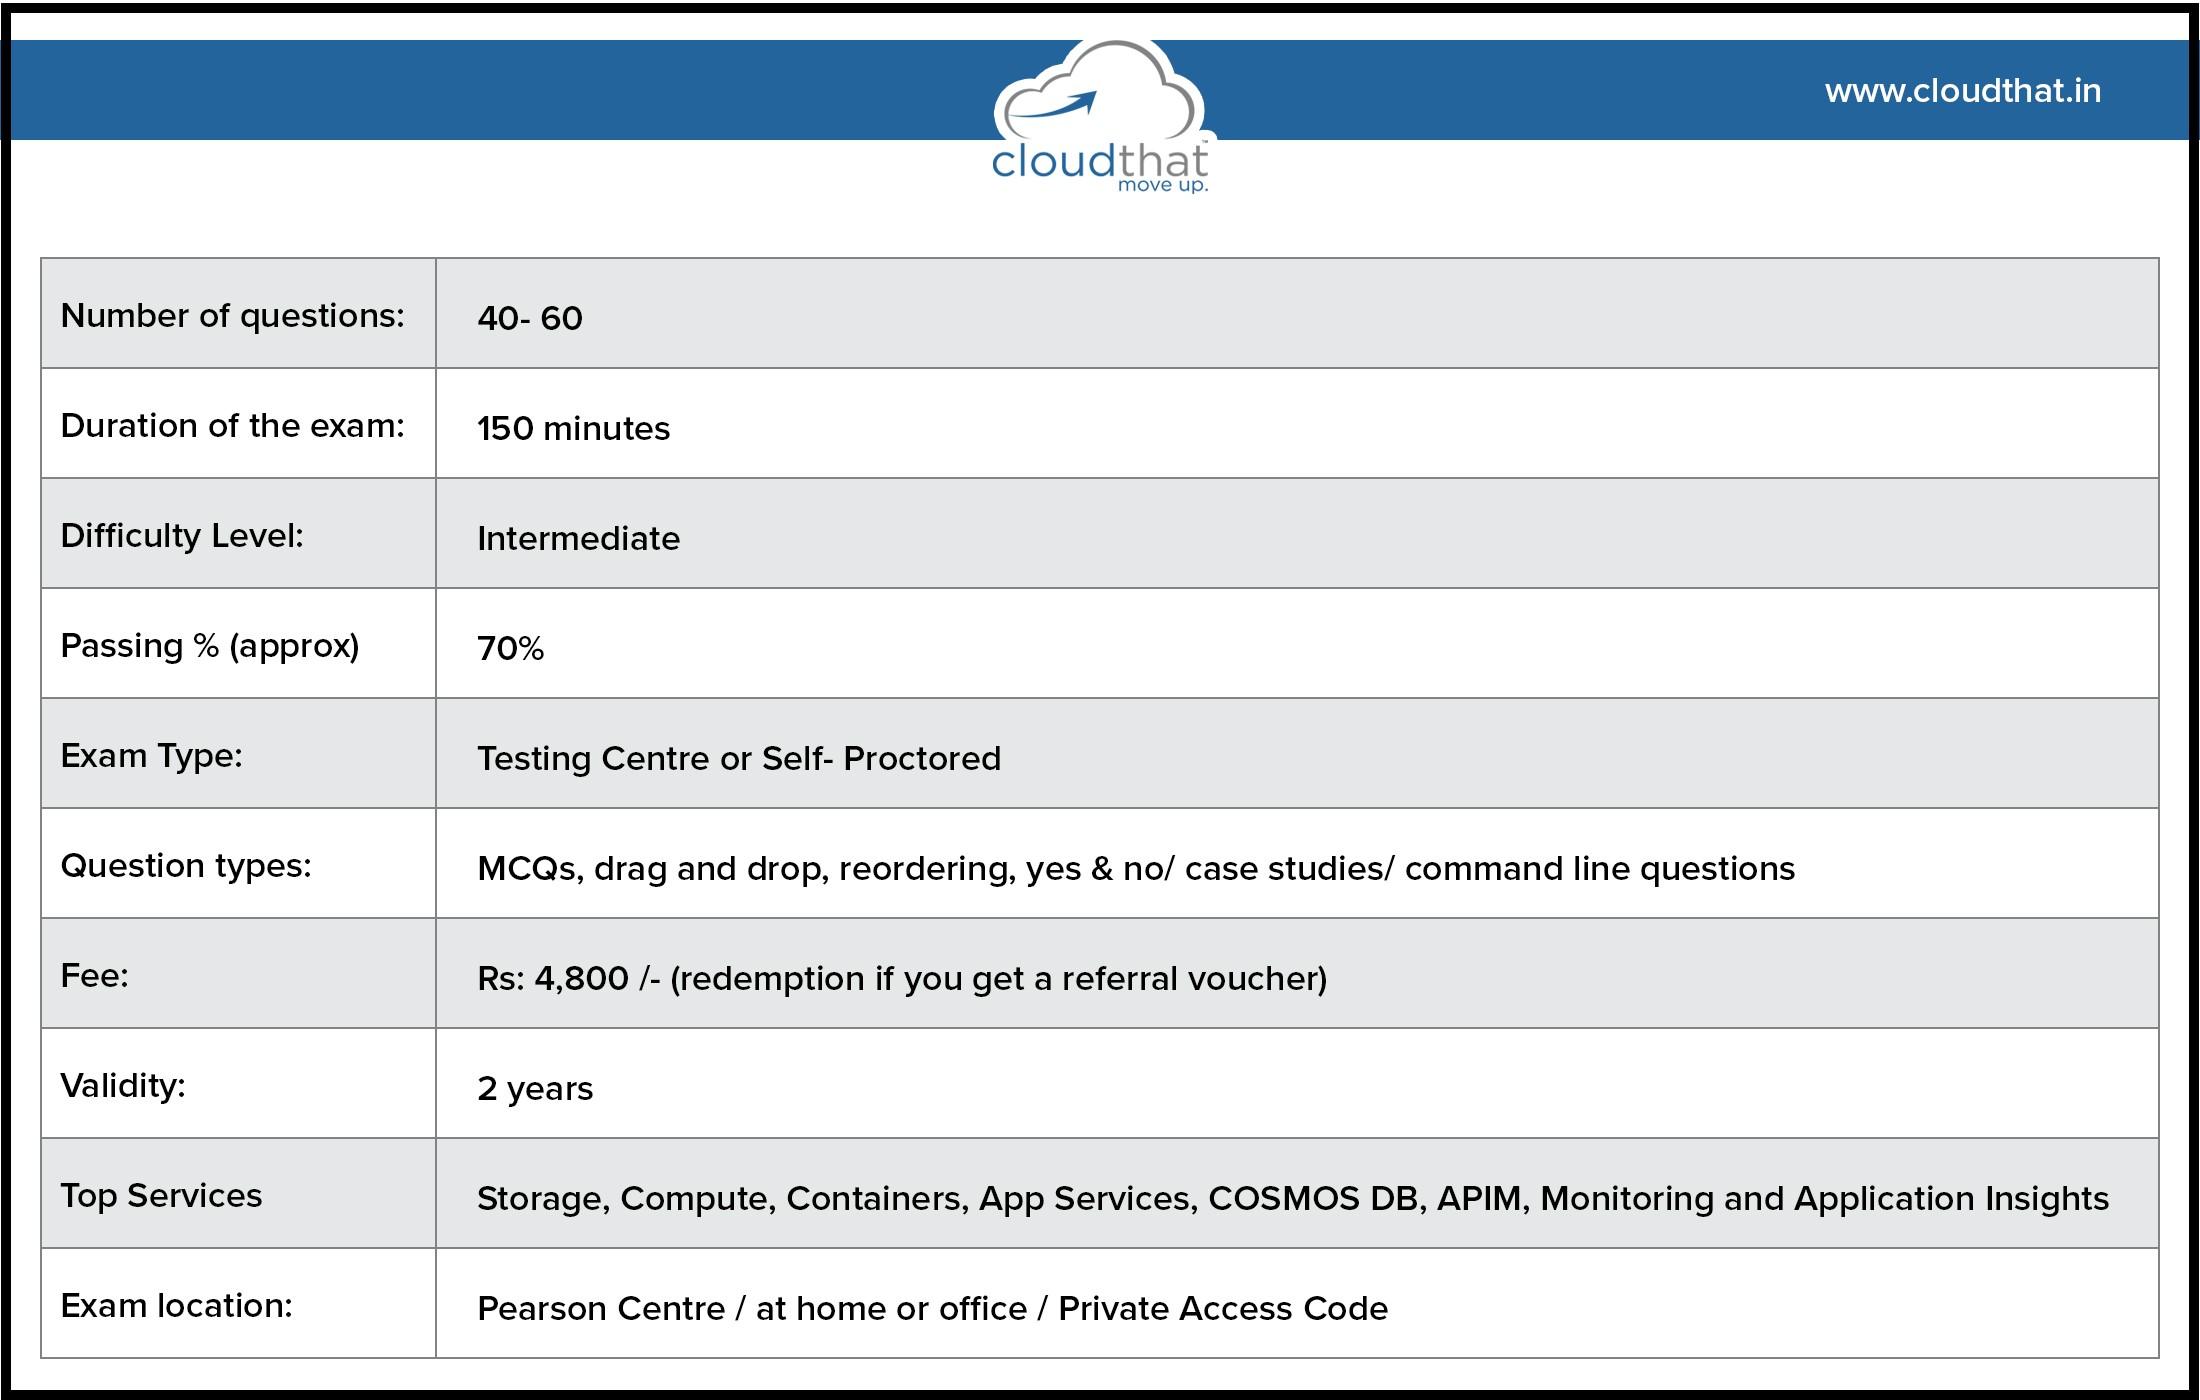 AZ-204 exam pattern table